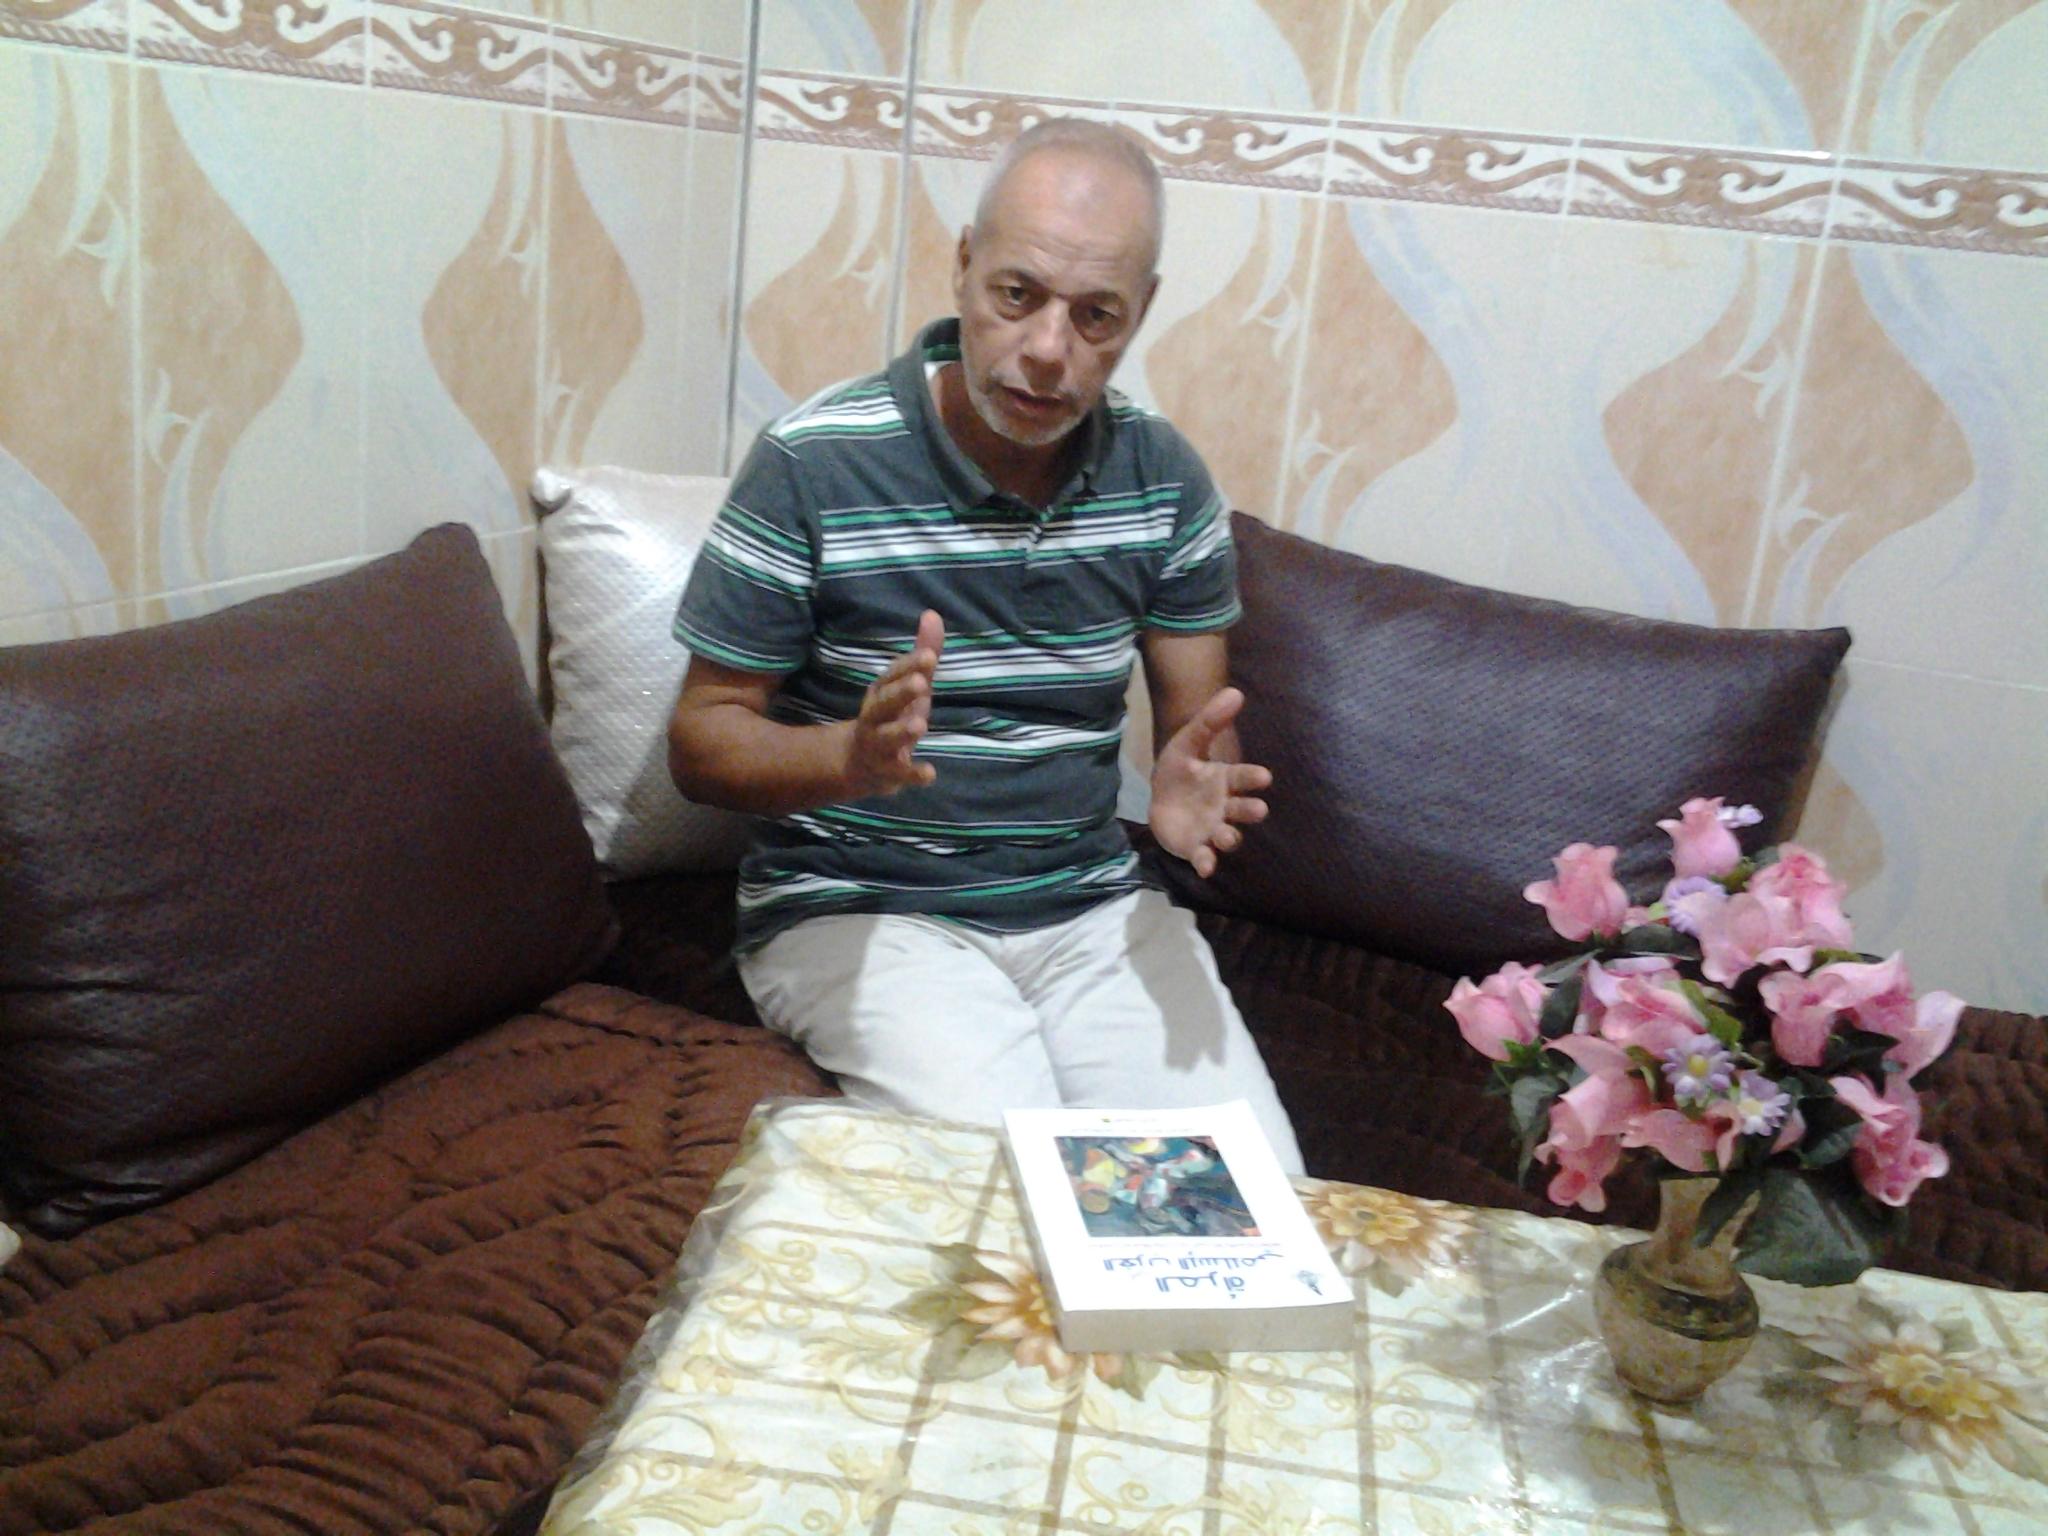 """مدير دار الطالب بونعمان """"عبد الفتاح هدارين"""" في حـوار لـتيزنيت24 حول حصوله على احدى الشواهد خارج أرض الوطن"""